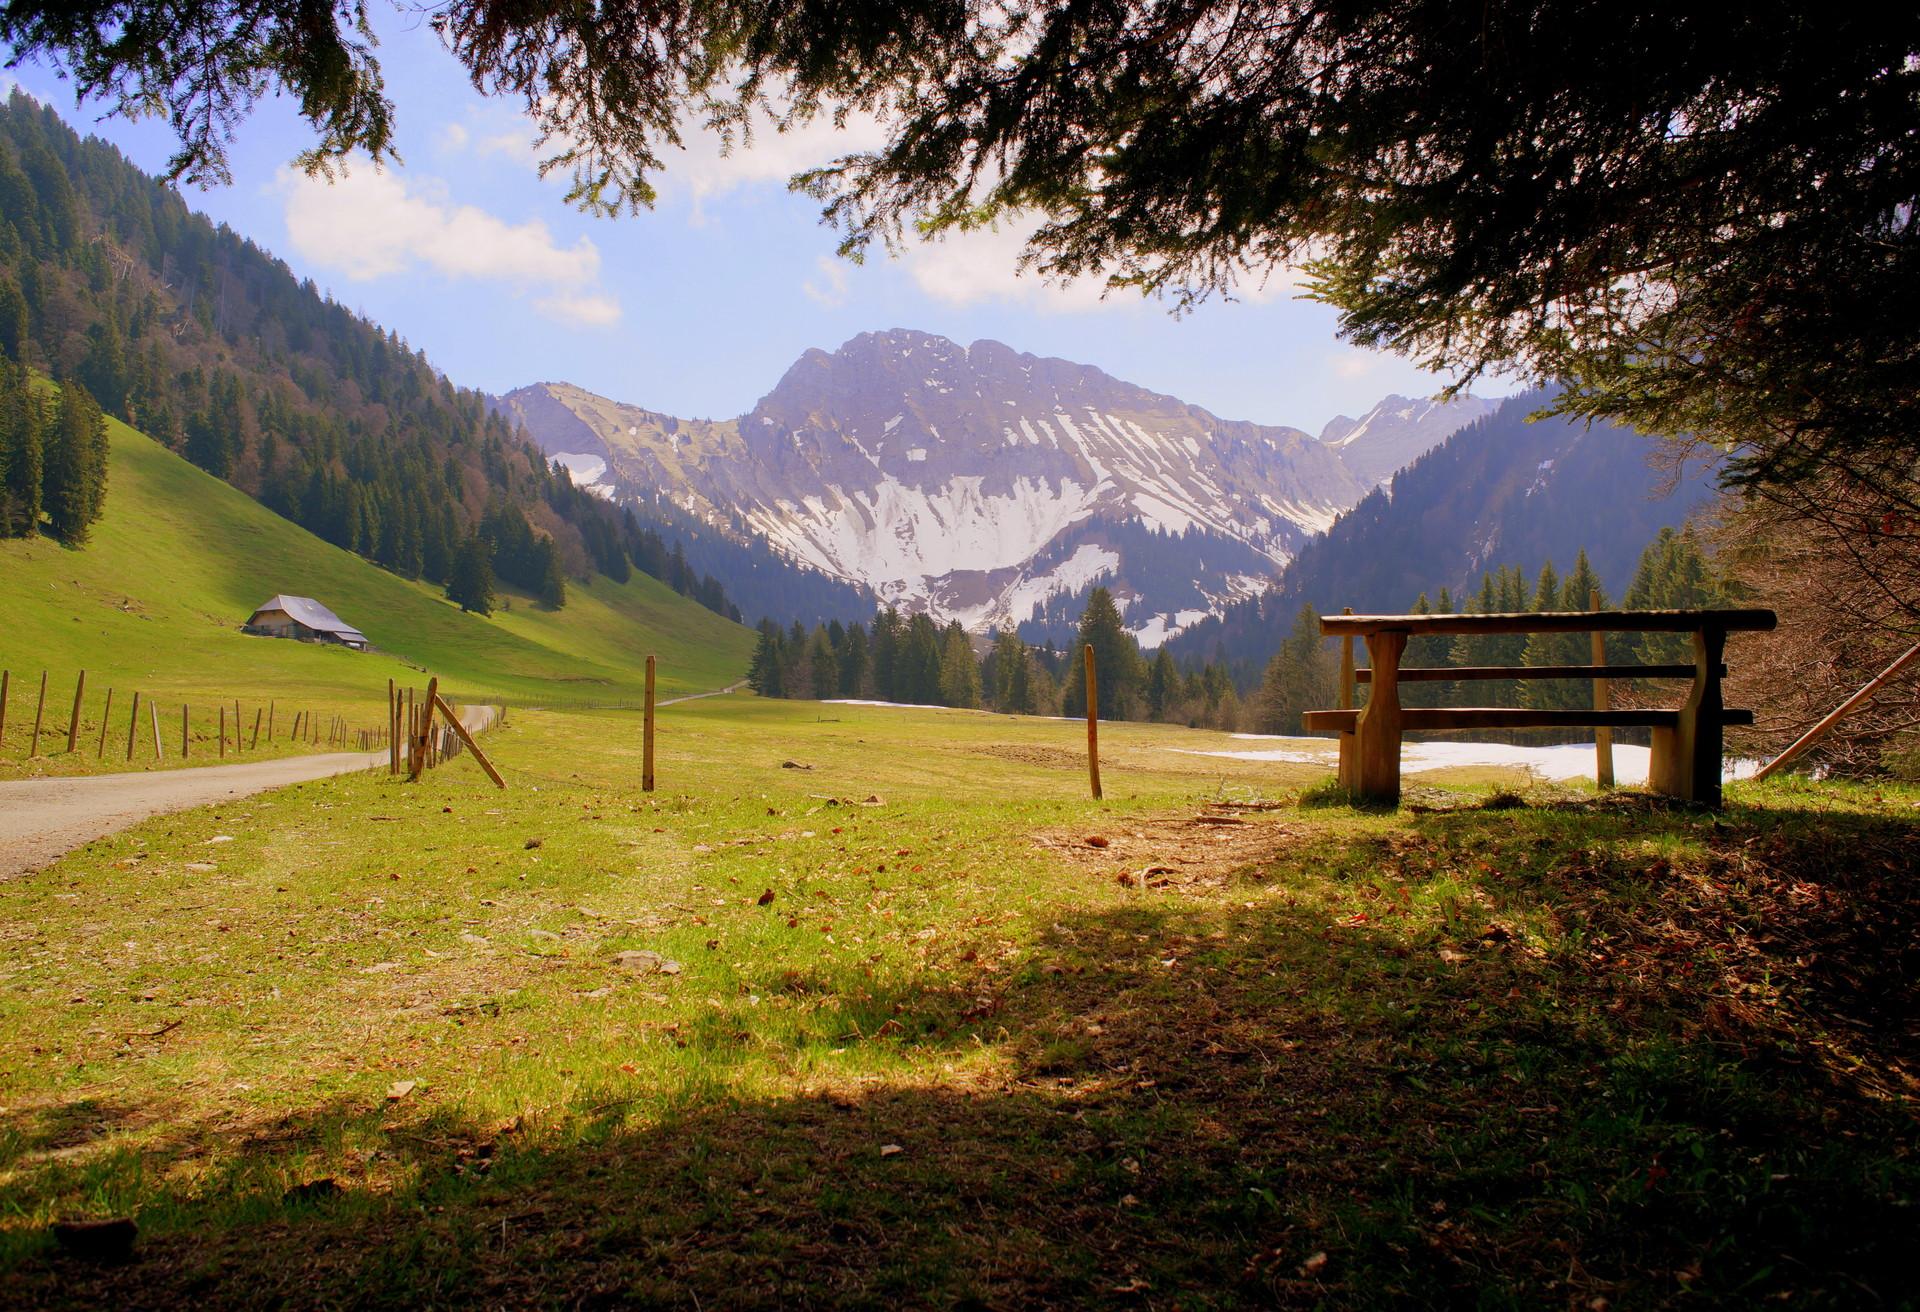 Évadez-vous dans les Alpes fribourgeoises depuis les Paccots